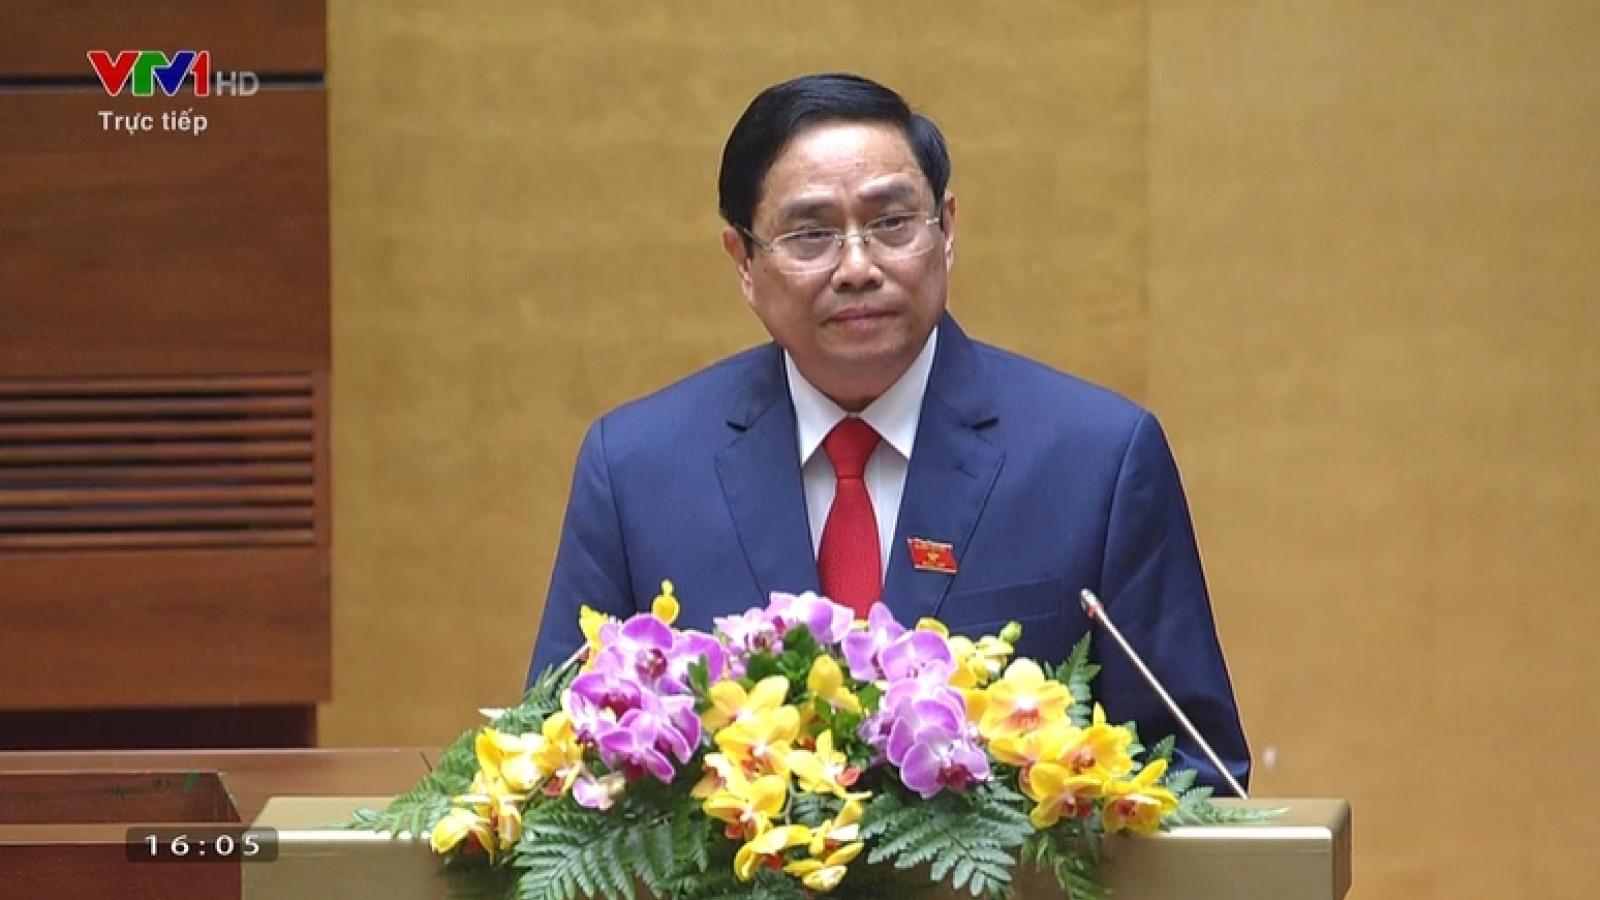 Bài phát biểu nhậm chức của tân Thủ tướng Phạm Minh Chính